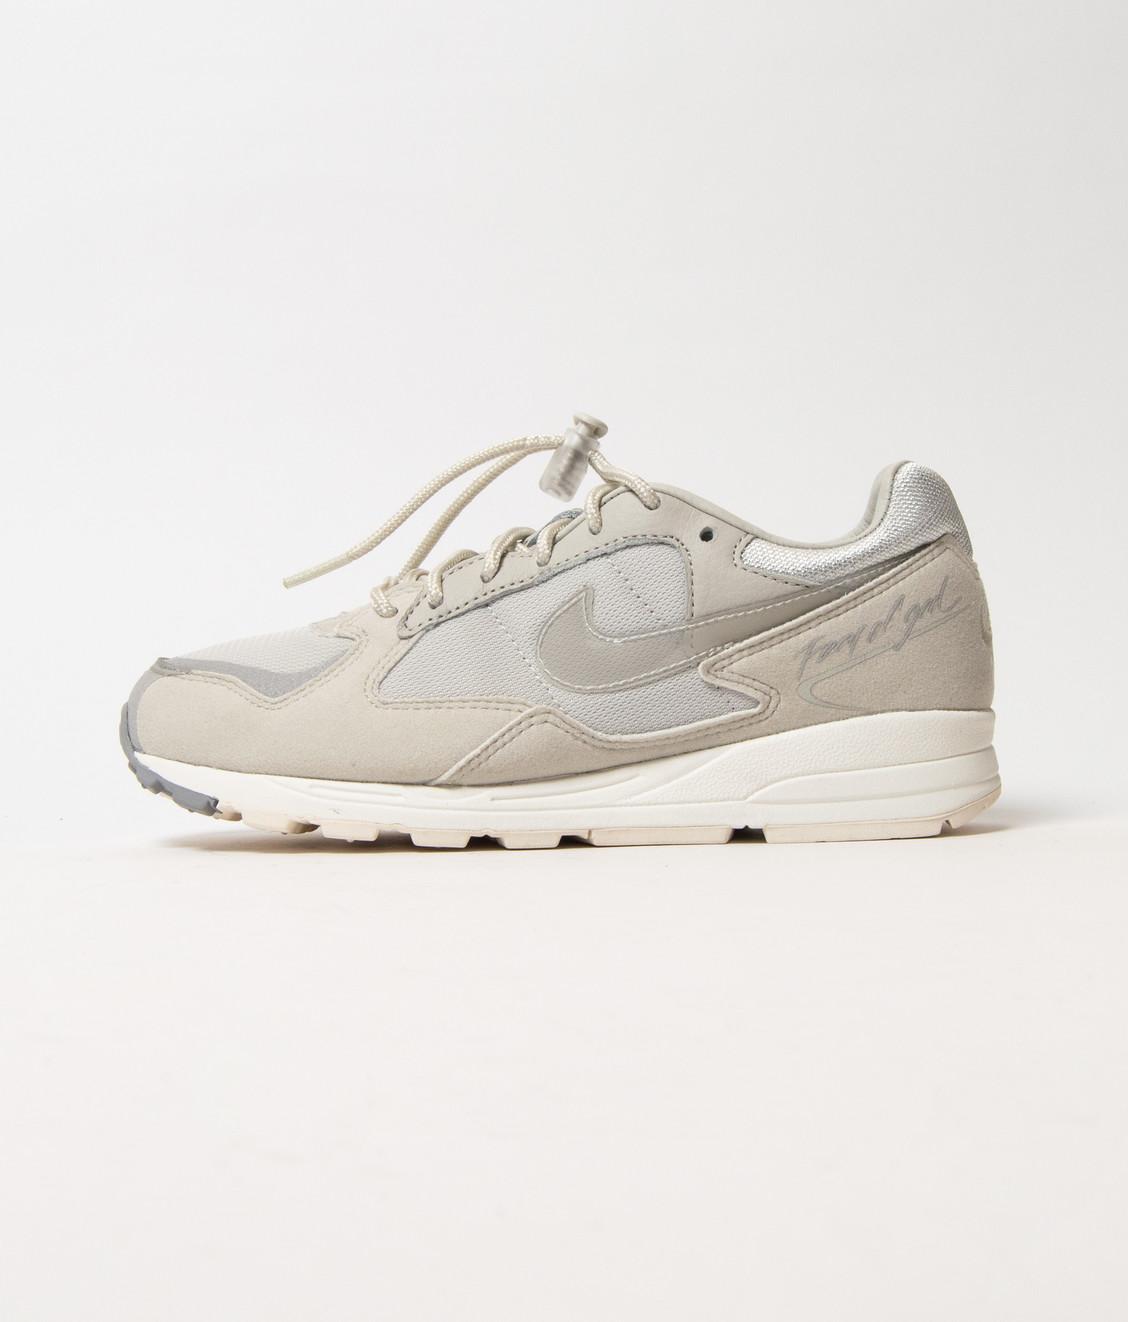 Nike Nike x Fear Of God Skylon II Lt Bone